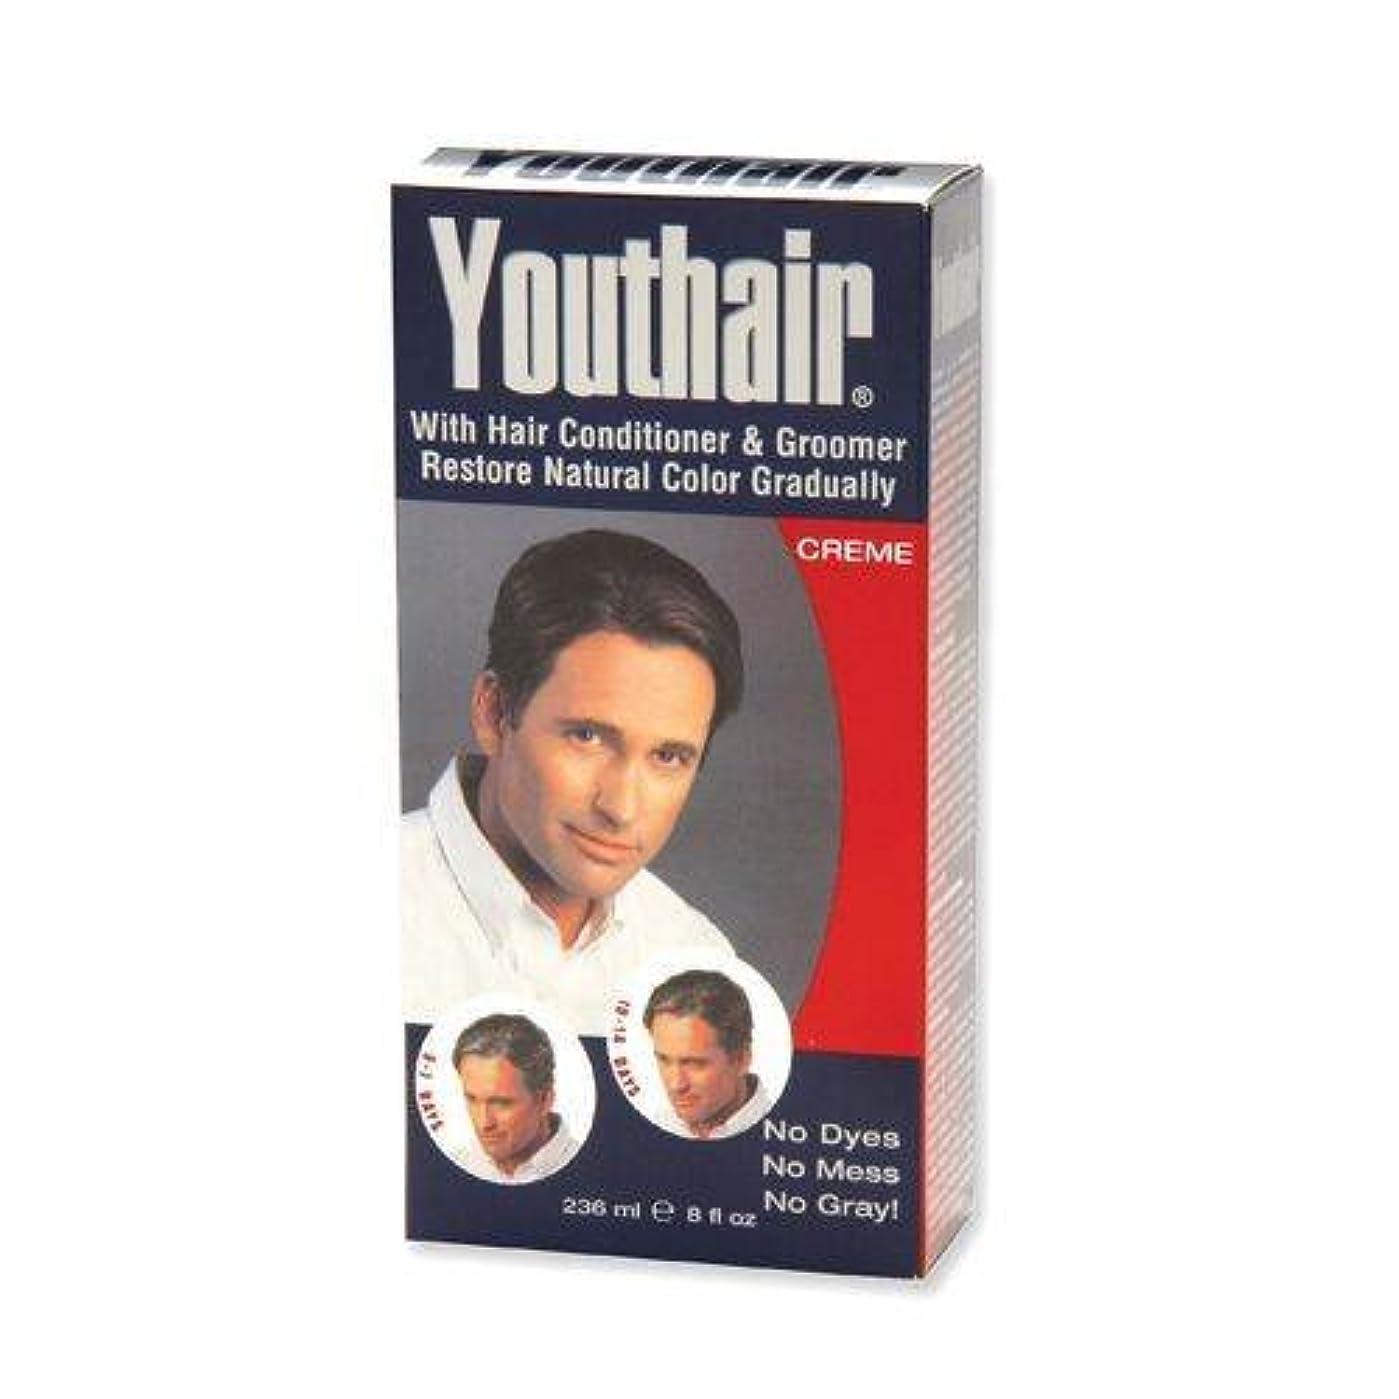 簡略化する瀬戸際路面電車YOUTHAIR Creme for Men with Hair Conditioner & Groomer Restore Natural Color Gradually 8oz/236ml by Youthair